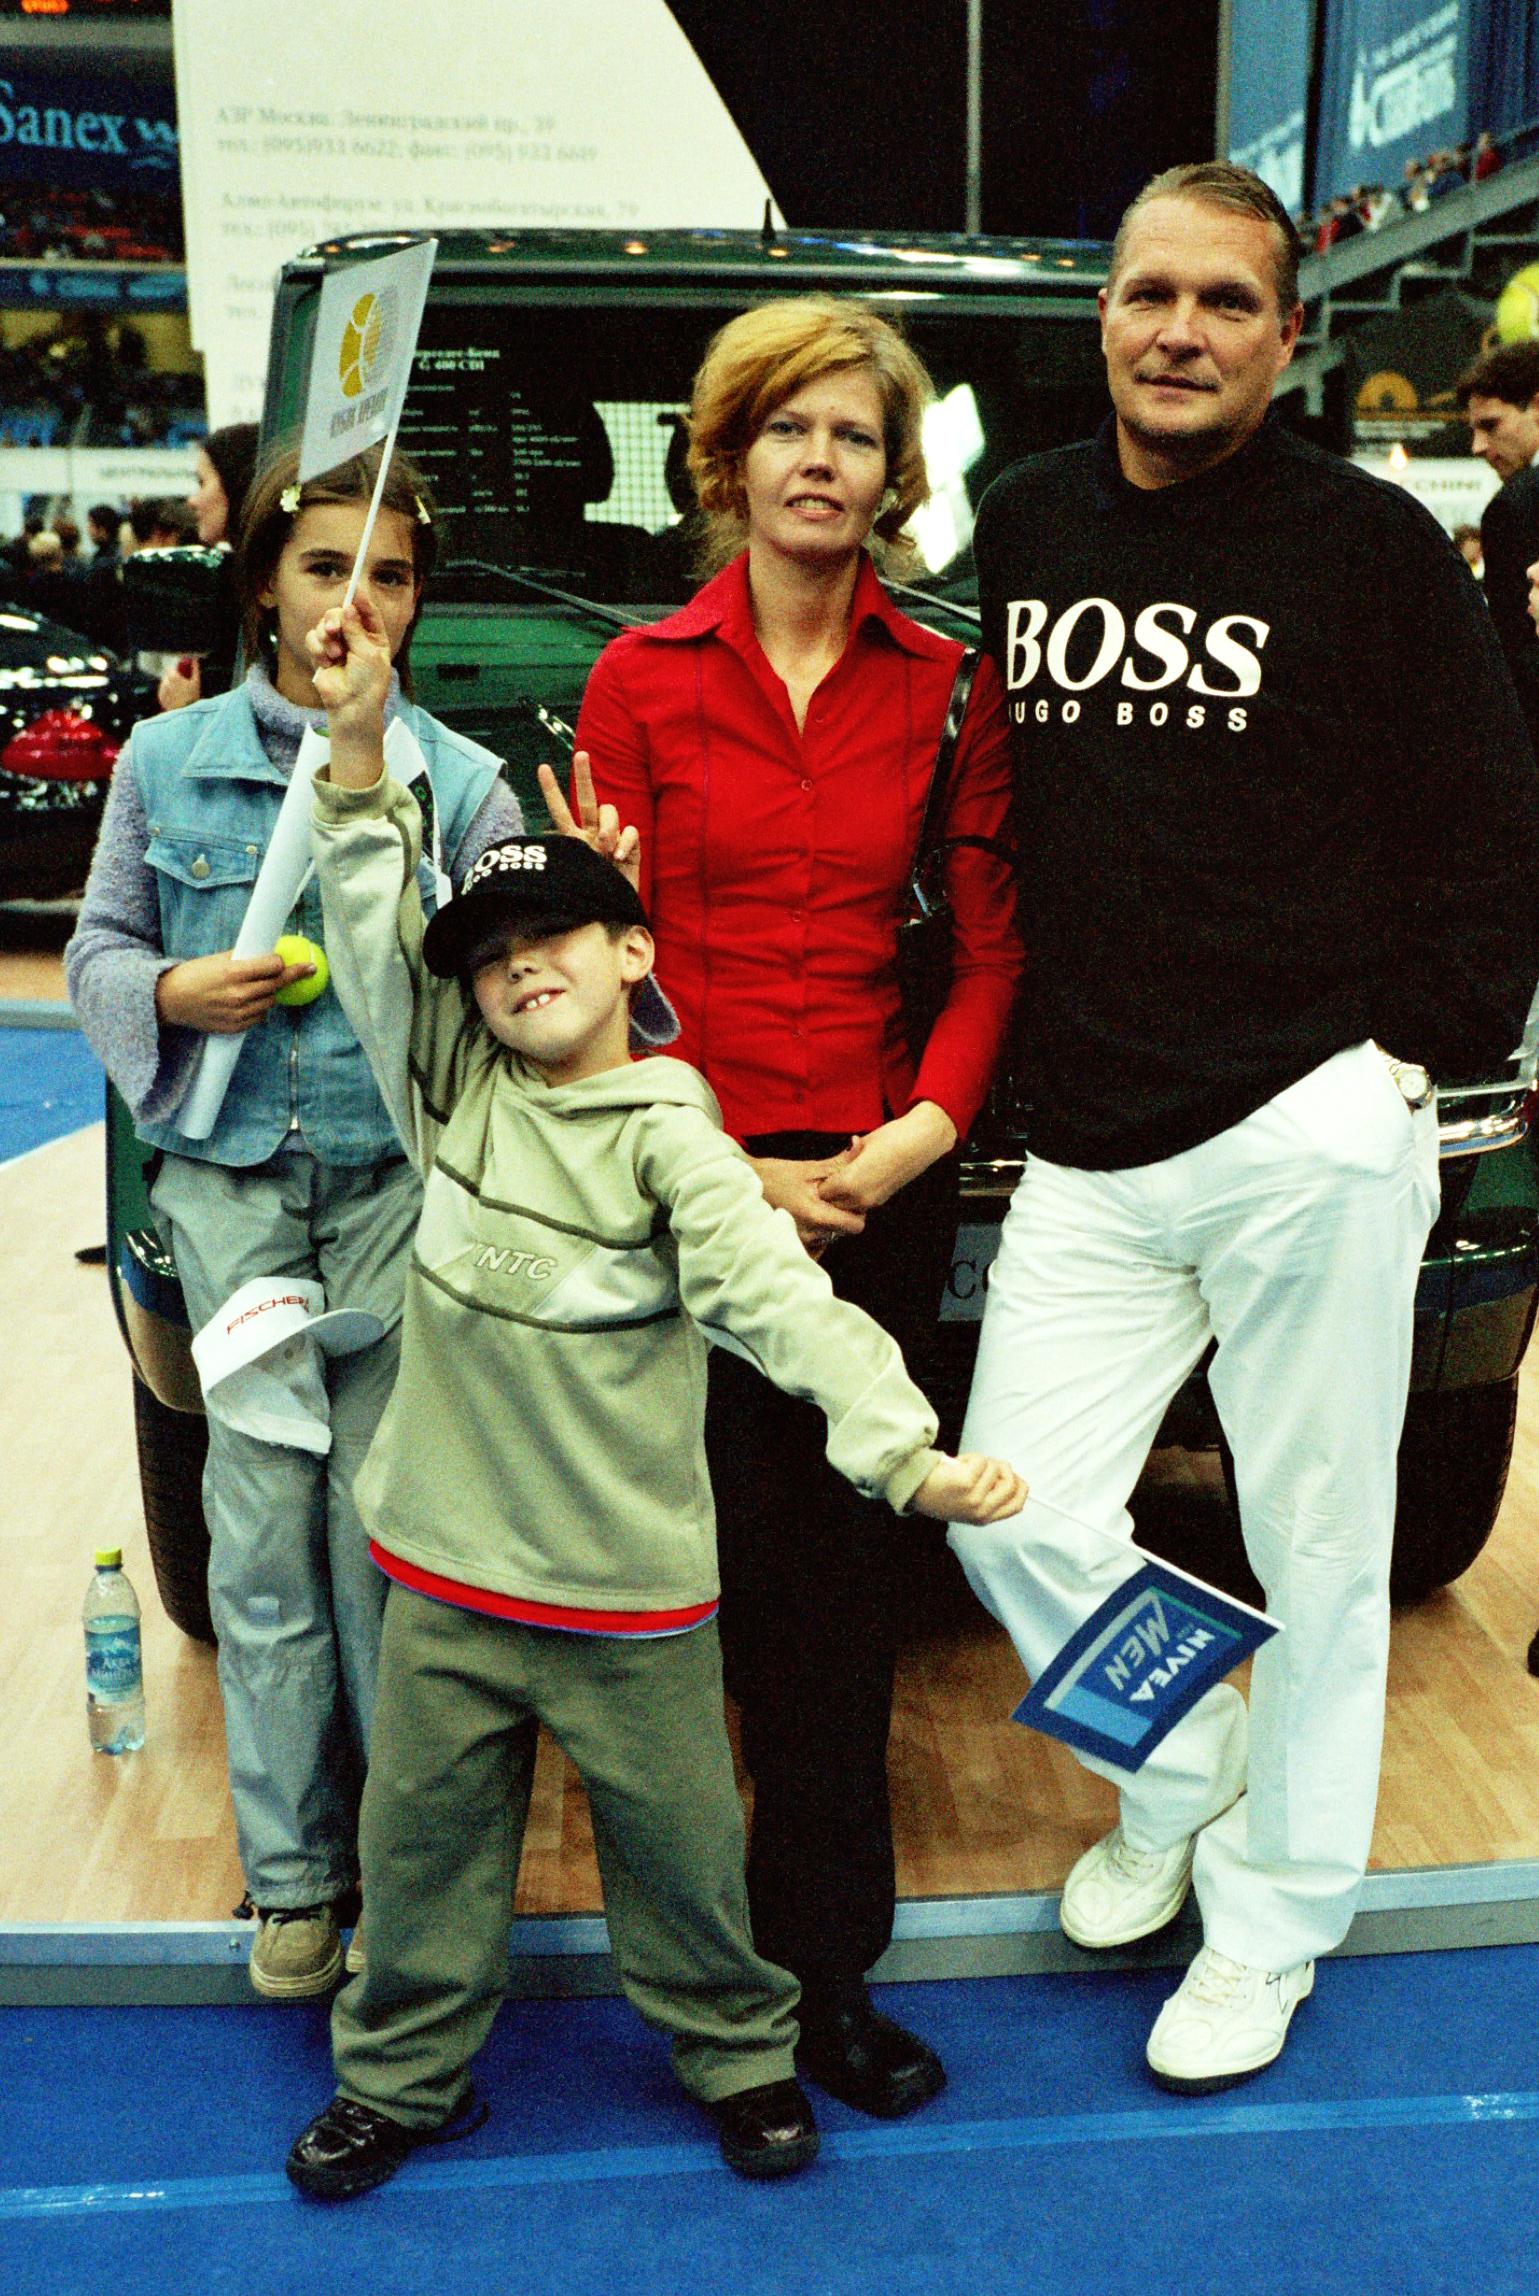 Синклер Светлана Владимировна Директор международного теннисного турнира Интебанк на Кубке Кремля 2001